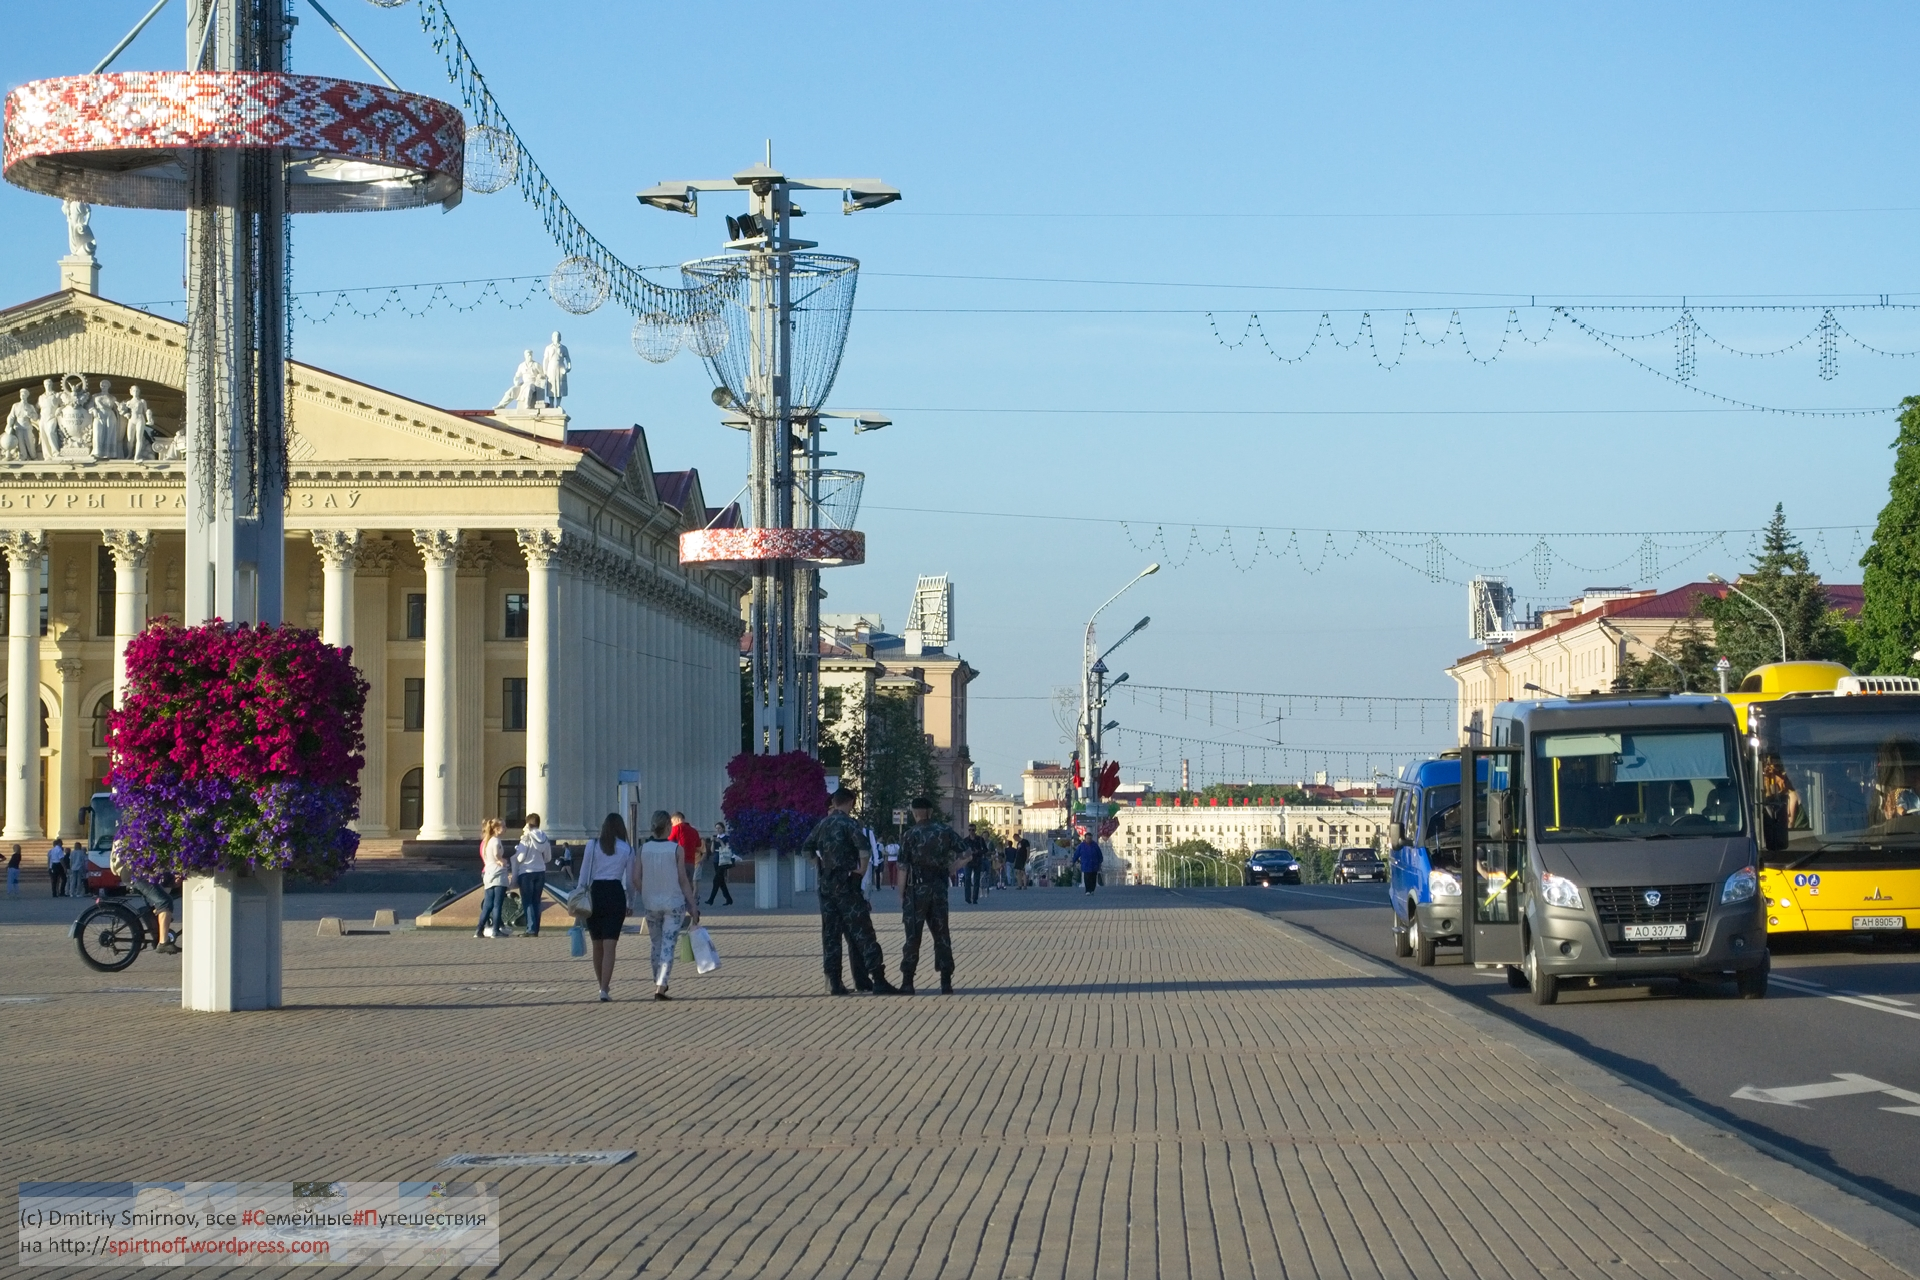 DSC_6875-Blog-6 Путешествия  Минск, Площадь победы, Проспект Независимости, Цирк, Дворец республики